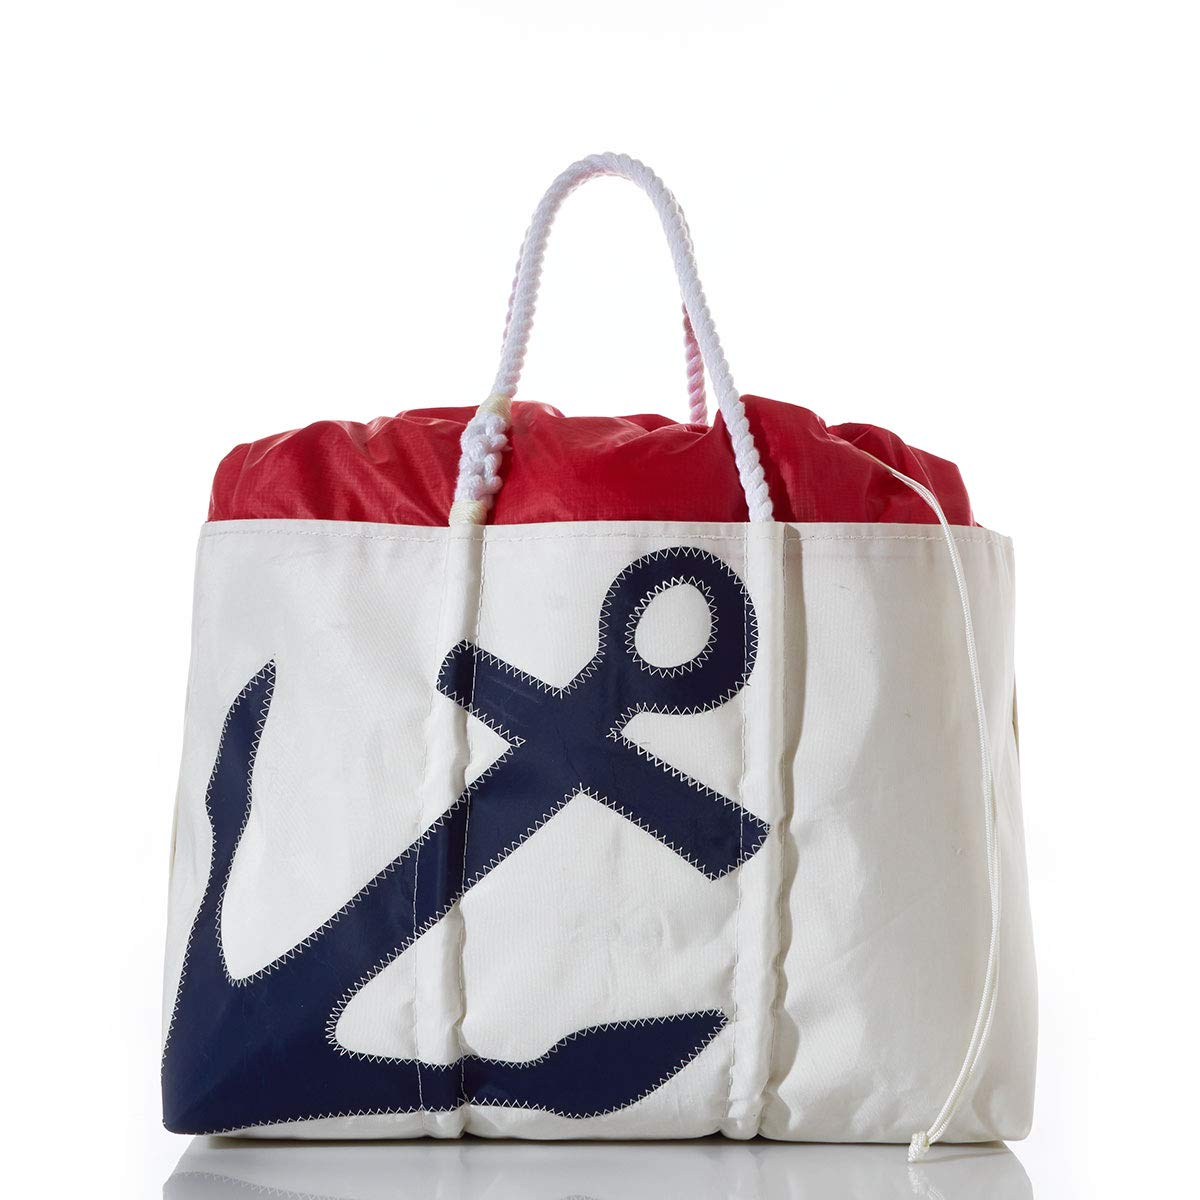 Sea Bags レディース US サイズ: L B074DQR4MD